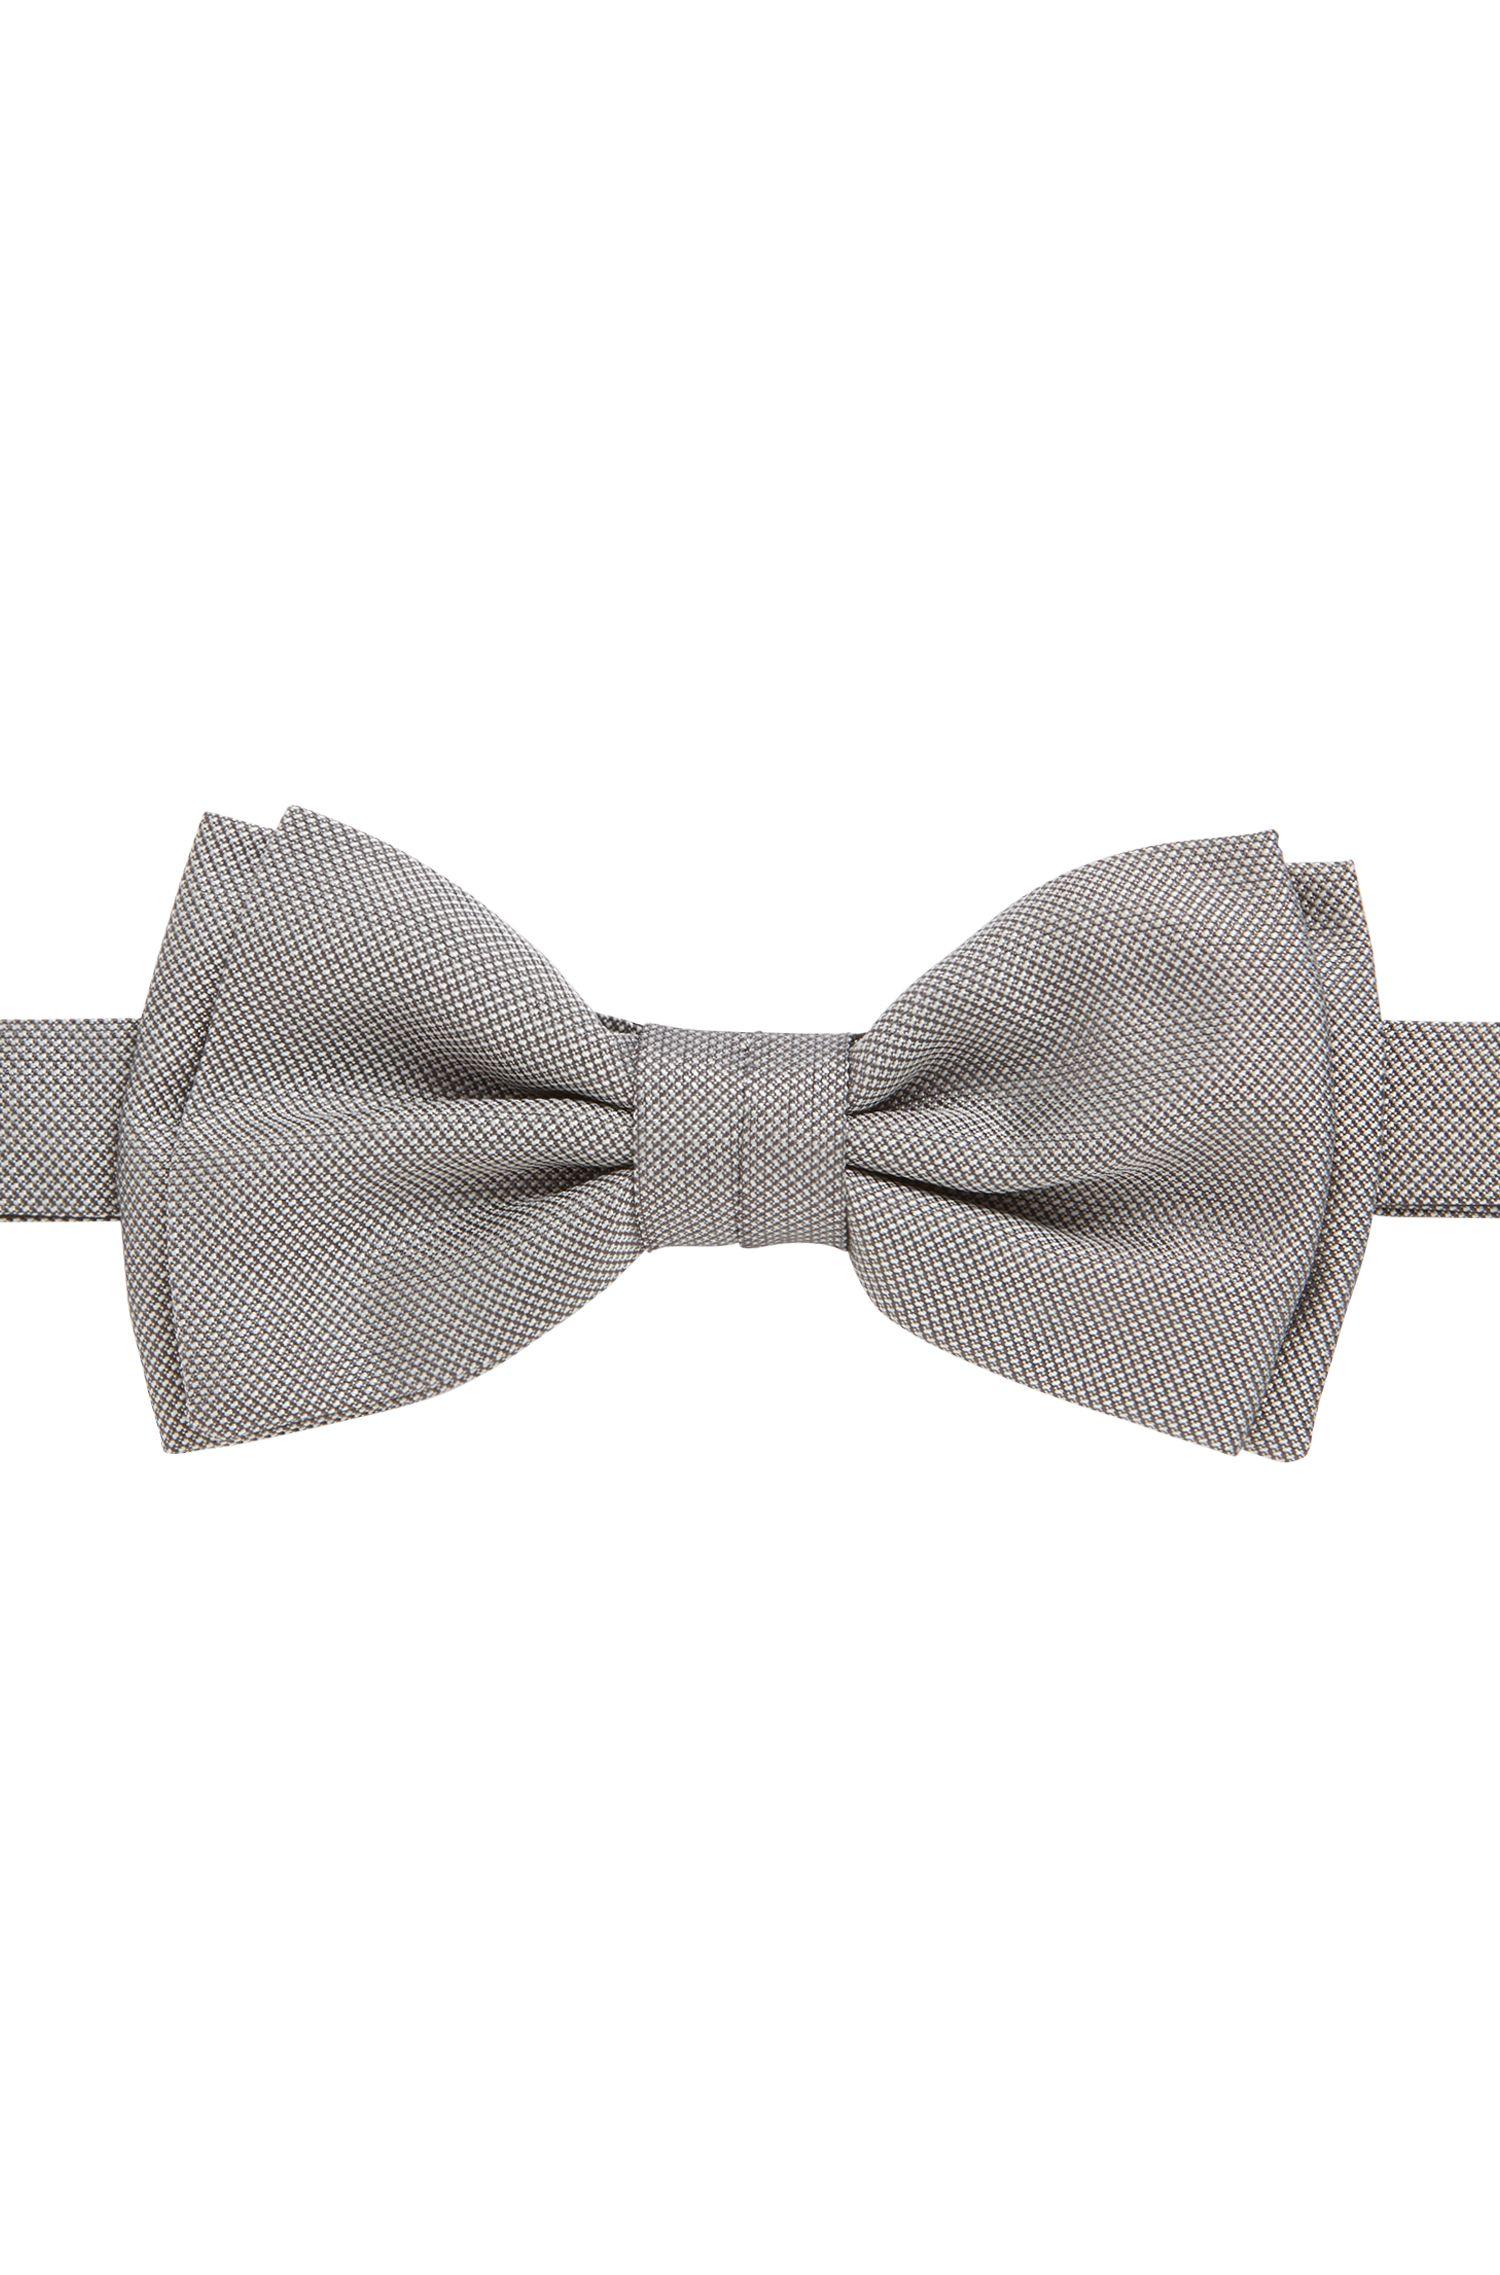 Pre-tied bow tie in micro-pattern silk, Open Grey